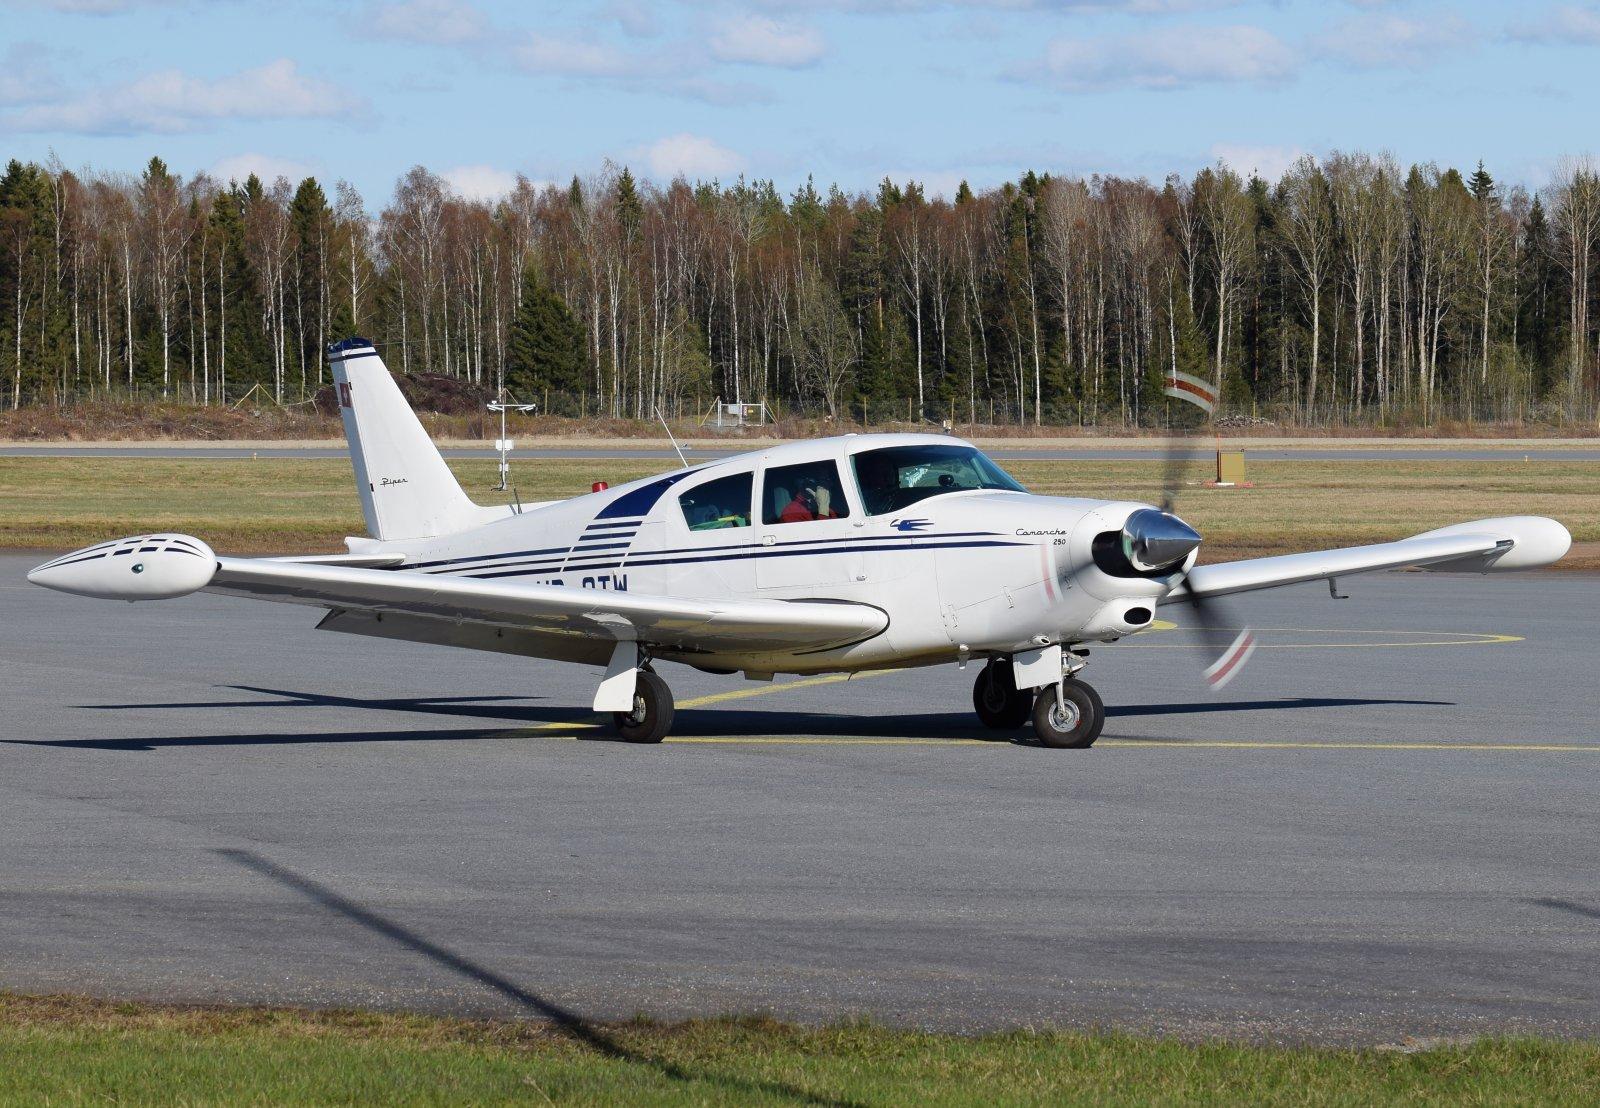 HB-OTW - Piper PA-24-250 Comanche - 8.5.2019